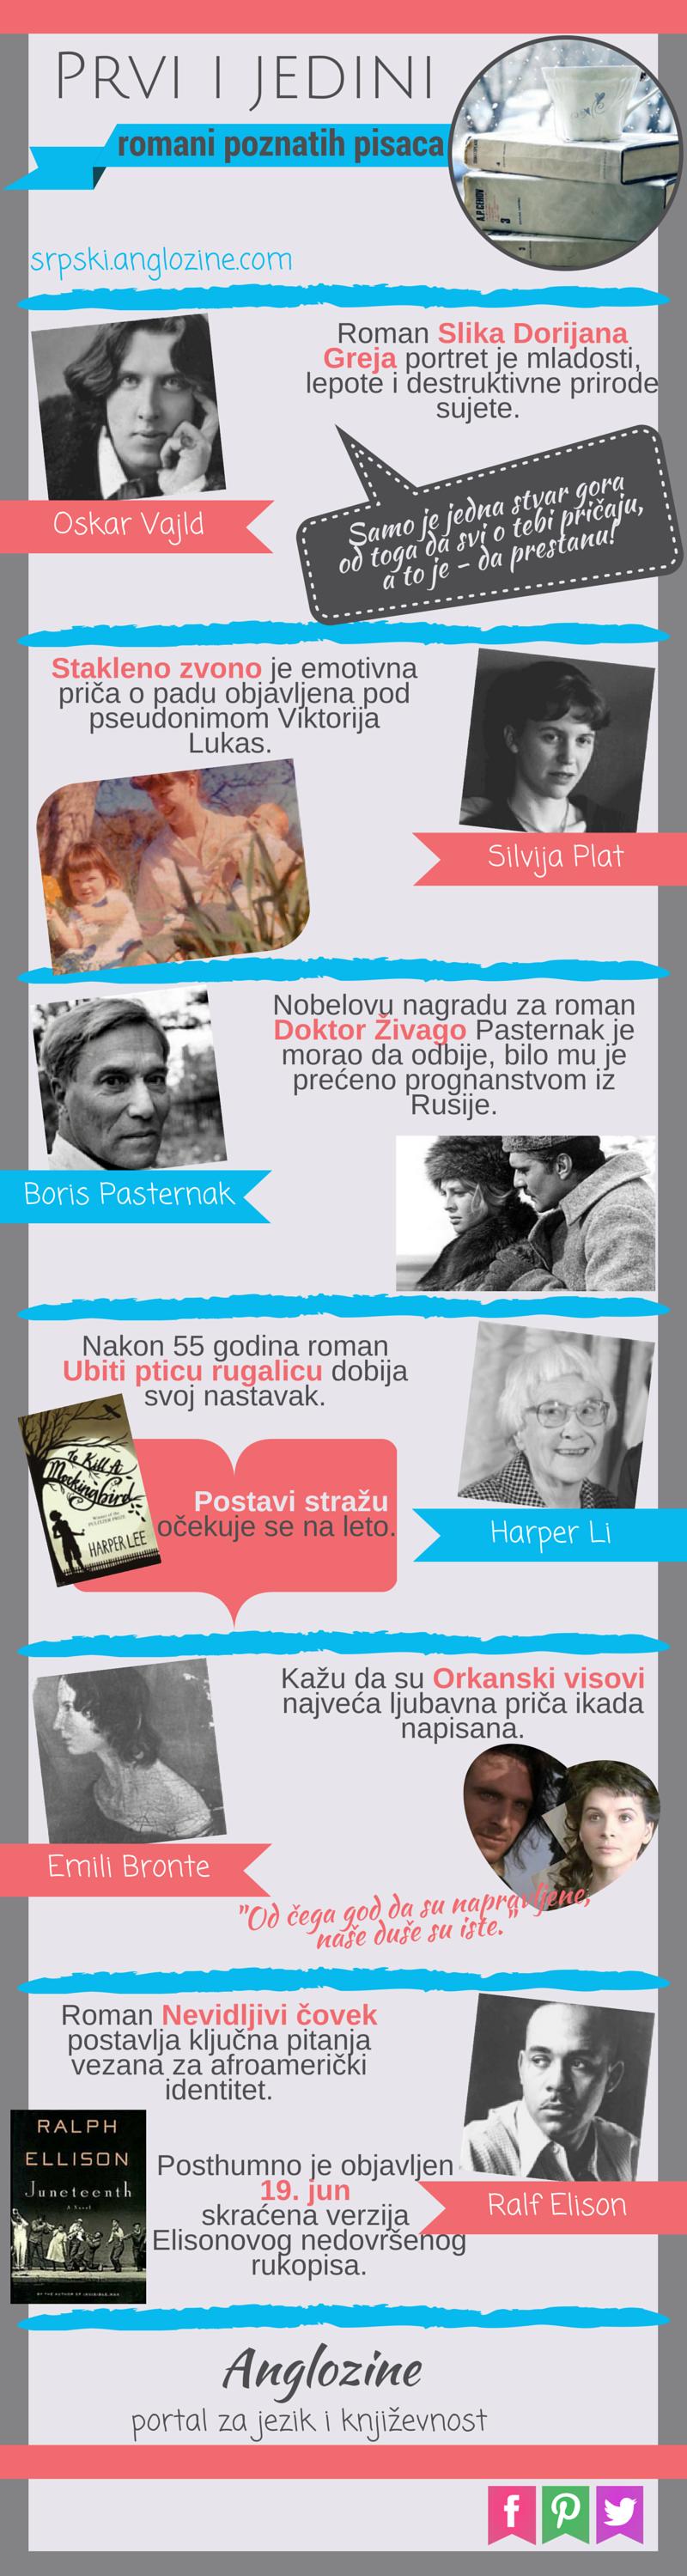 Infografik: prvi i jedini romani poznatih pisaca